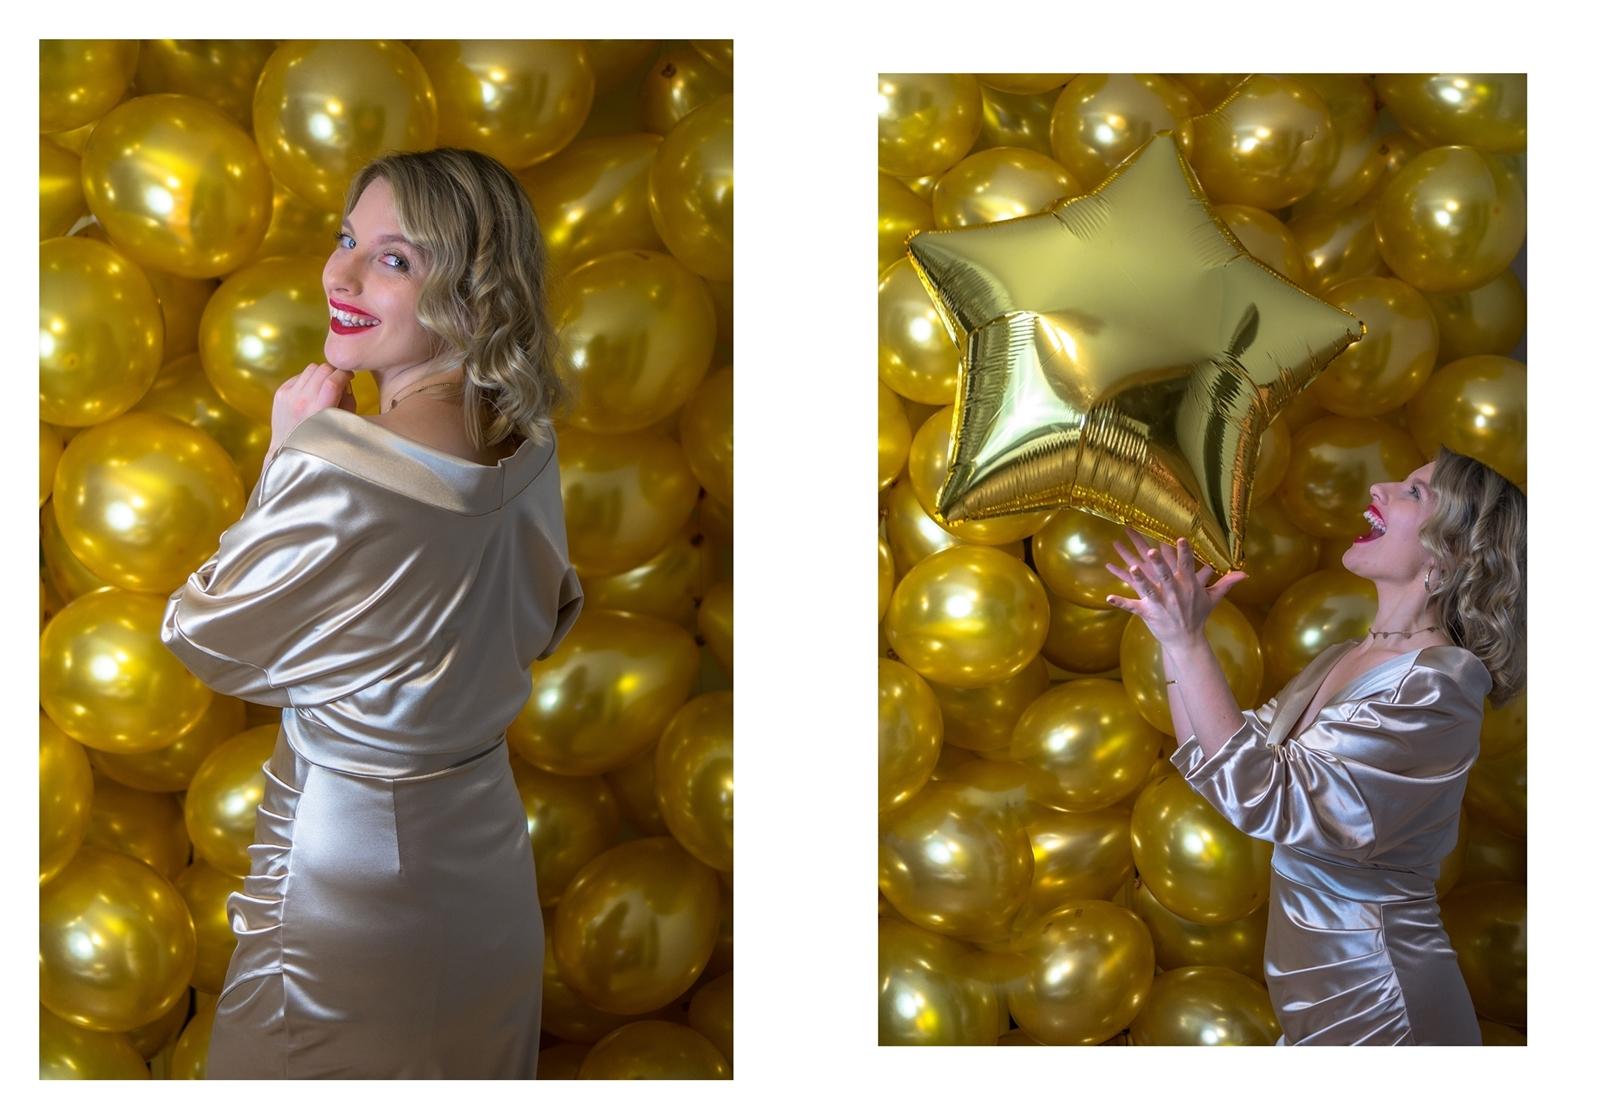 7a sukienki sylwestrowe z dekoltem maxi do kolan granatowa suknia balowa błyszcząca kremowa suknia na wesele sylwestra bal studniówkowy dekoracje na sylwestra jak zrobić czapeczki sylwestrowe balony